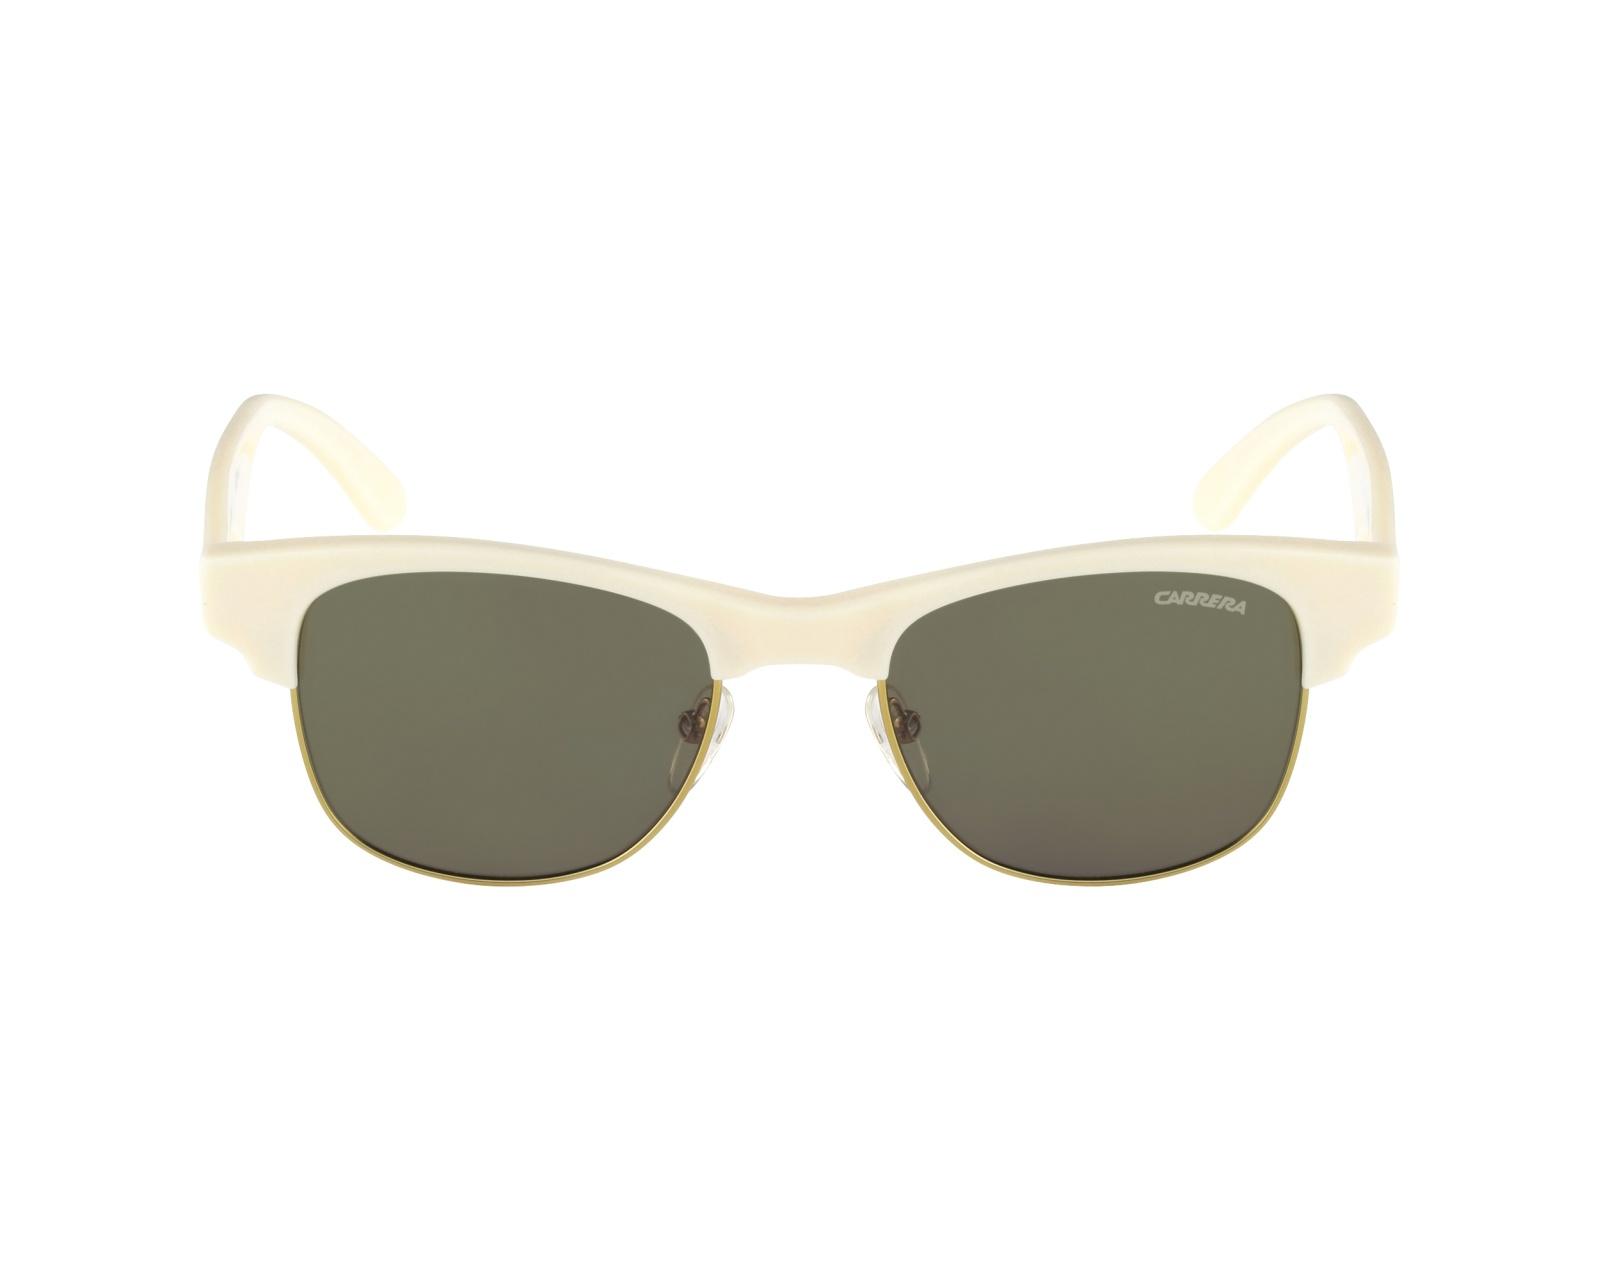 27b67595e7 Gafas de sol Carrera 6009 DED/QT 51-19 Beige Oro vista de perfil